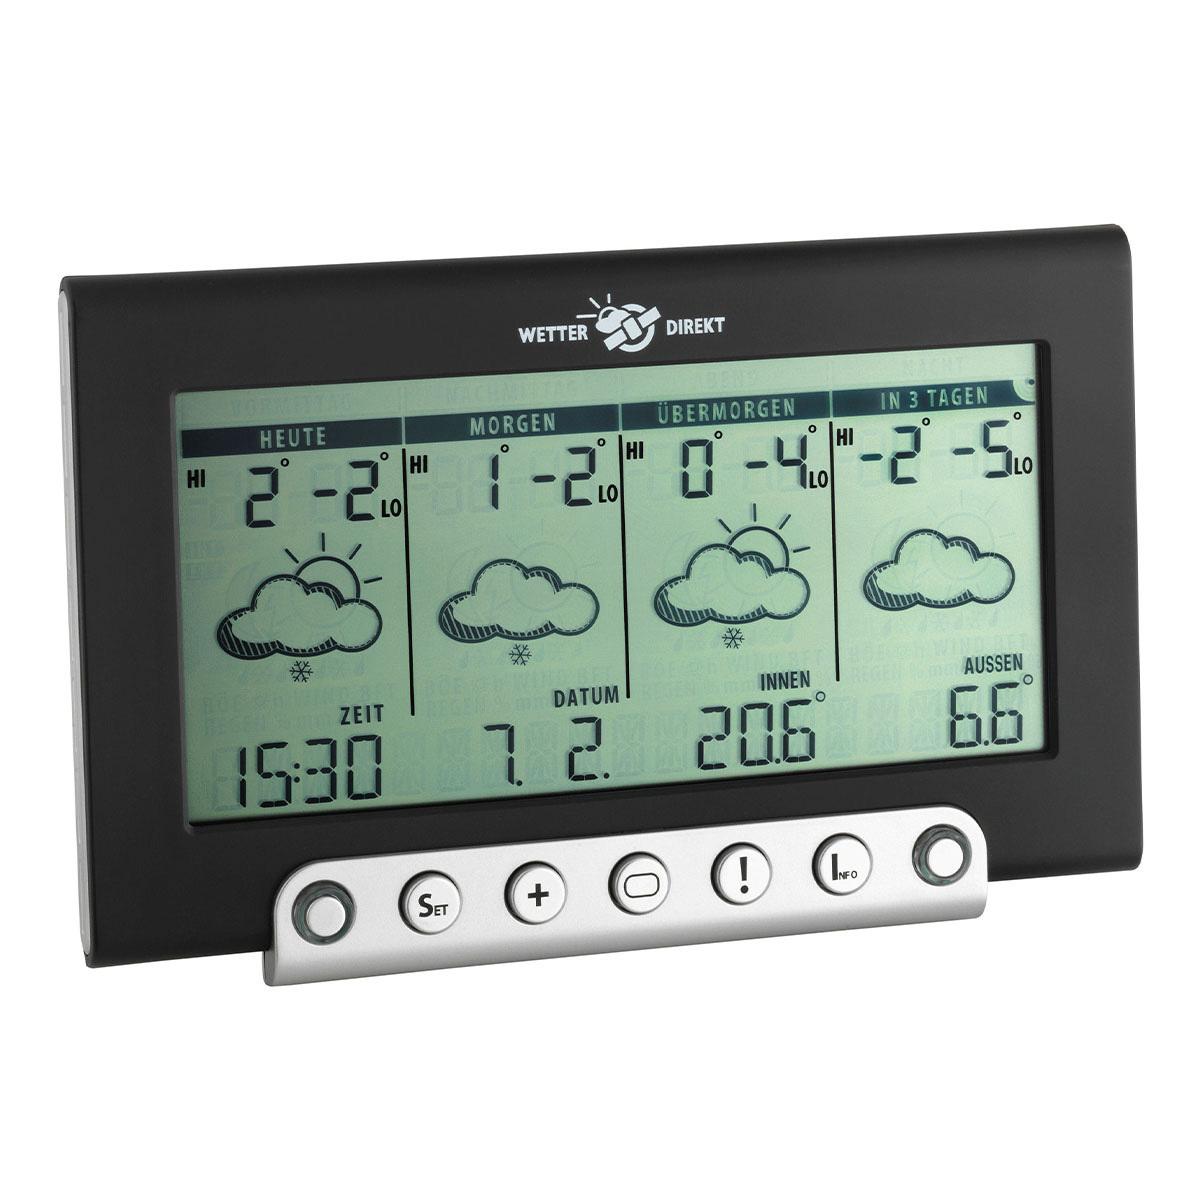 35-5050-it-satellitengestützte-funk-wetterstation-mit-wetterwarnung-tempesta-300-ansicht1-1200x1200px.jpg